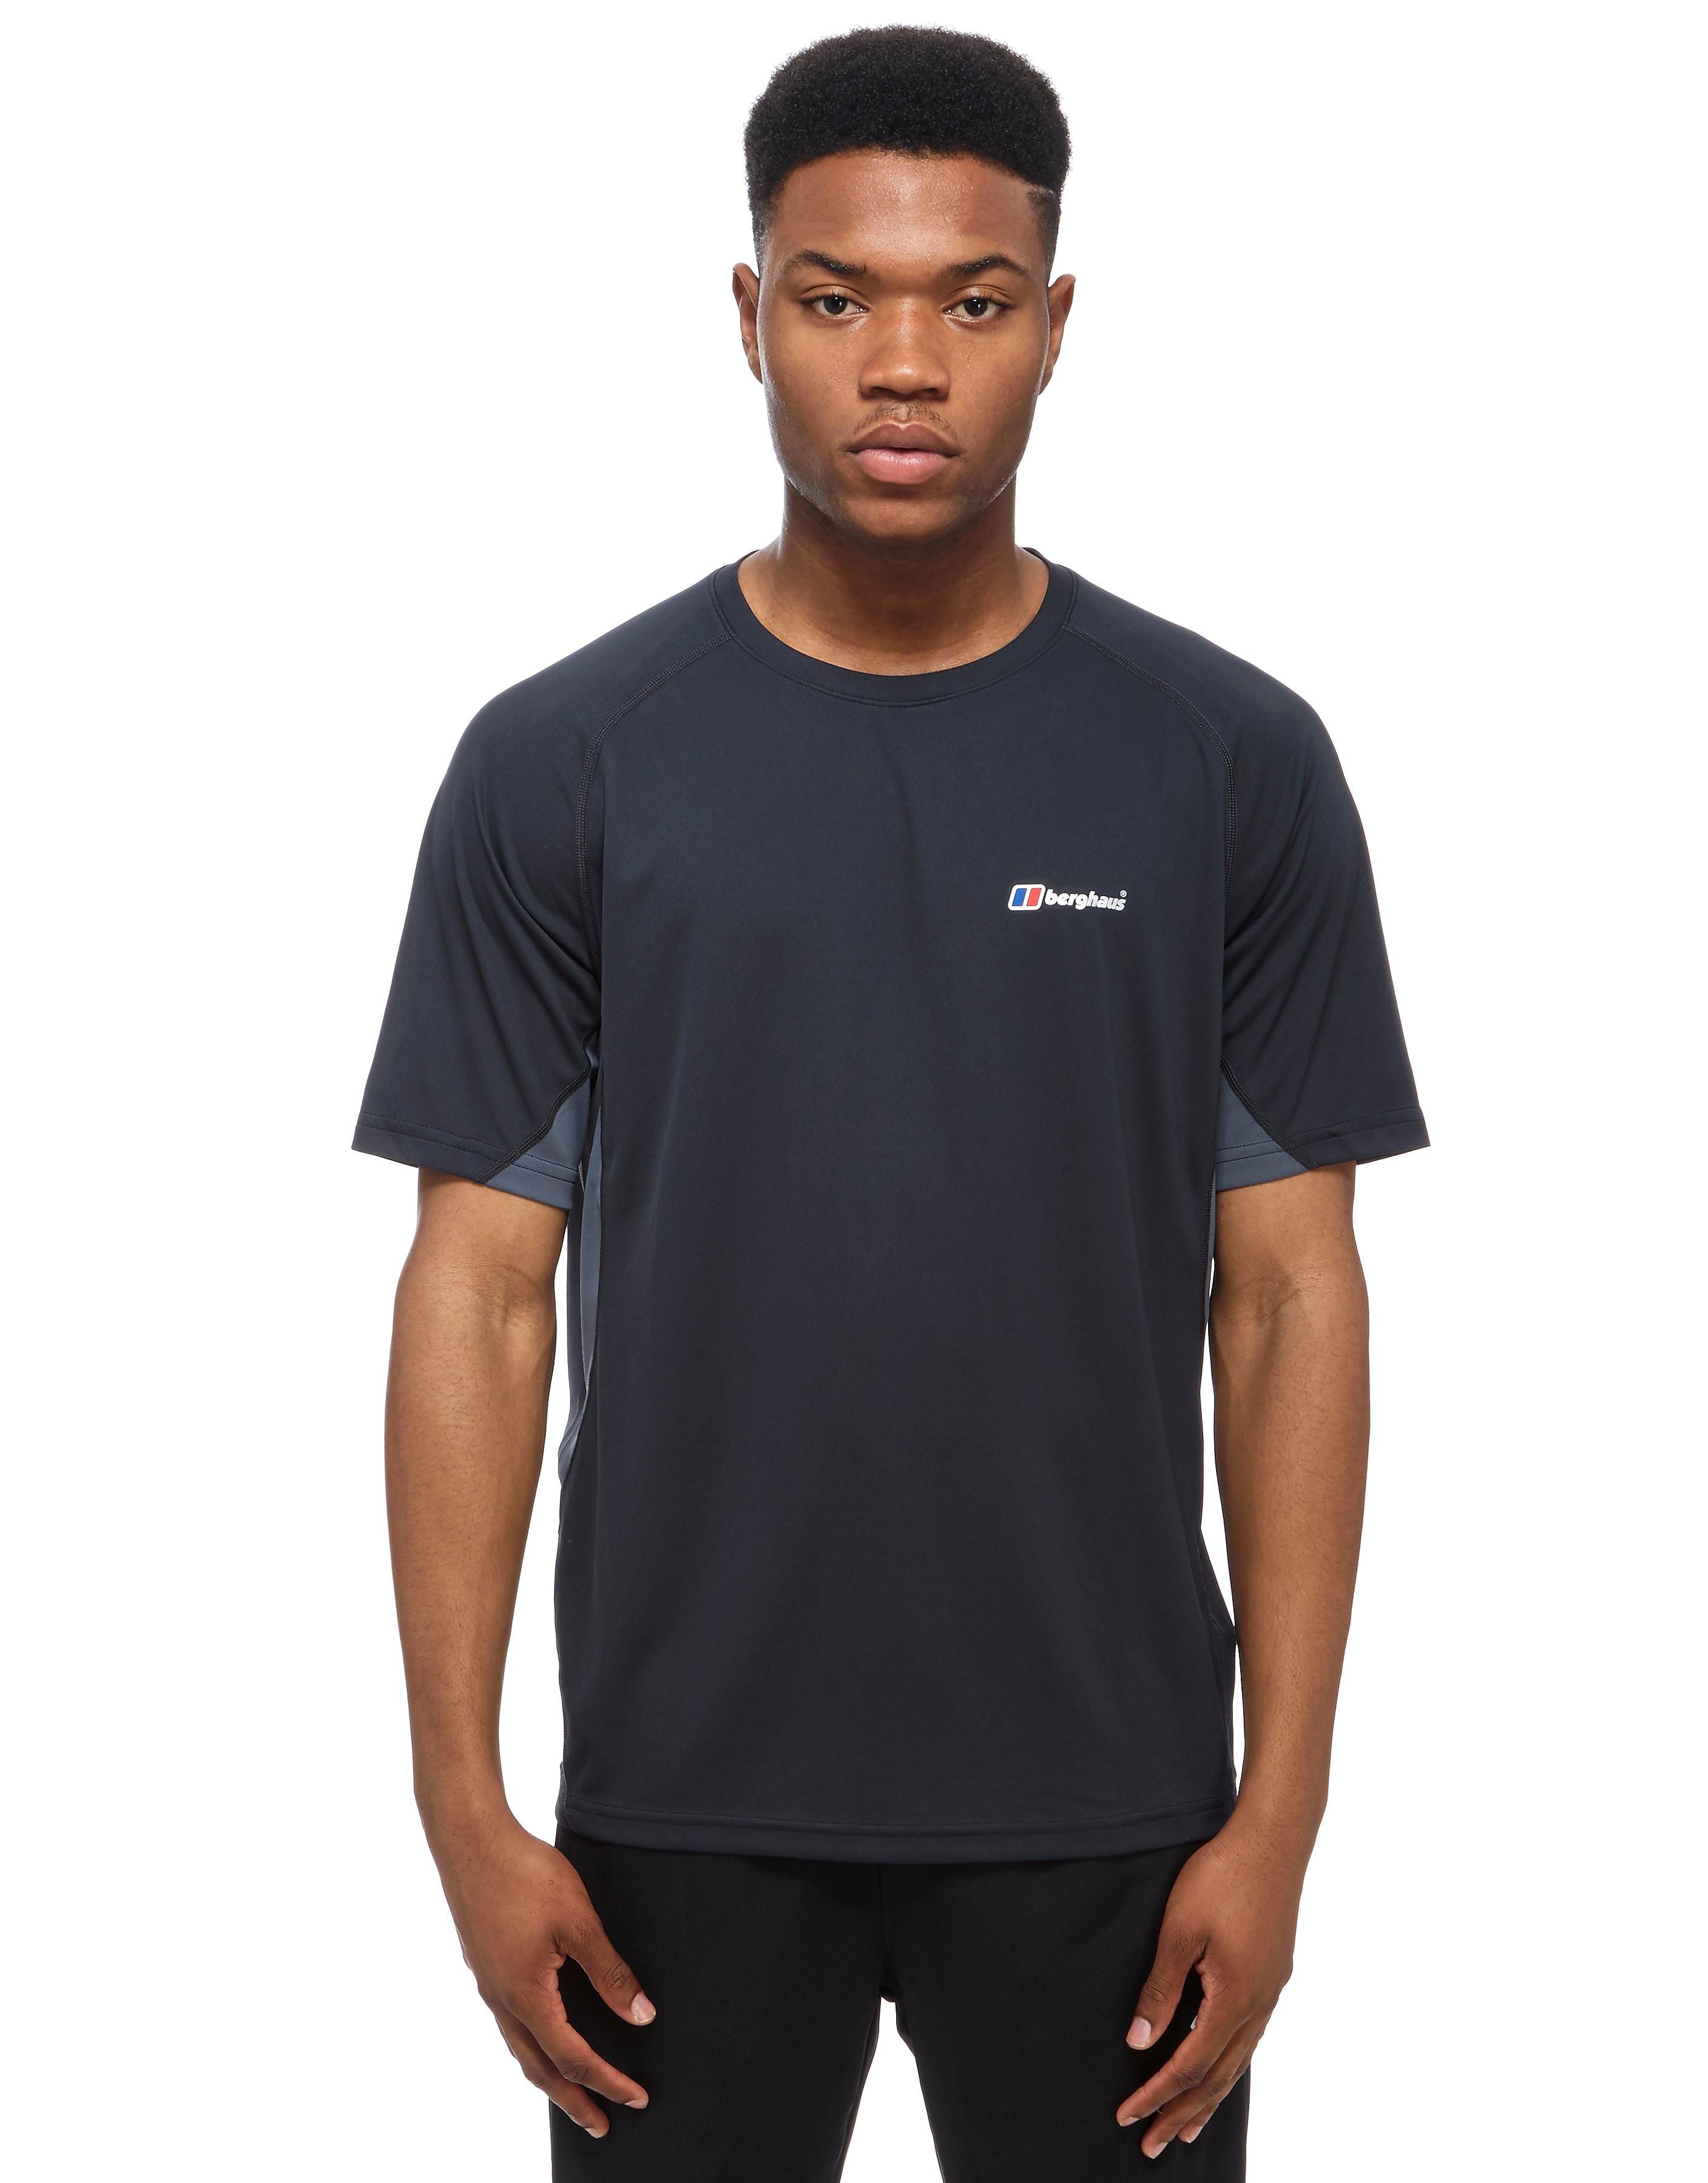 Berghaus Tech Short Sleeve T-Shirt